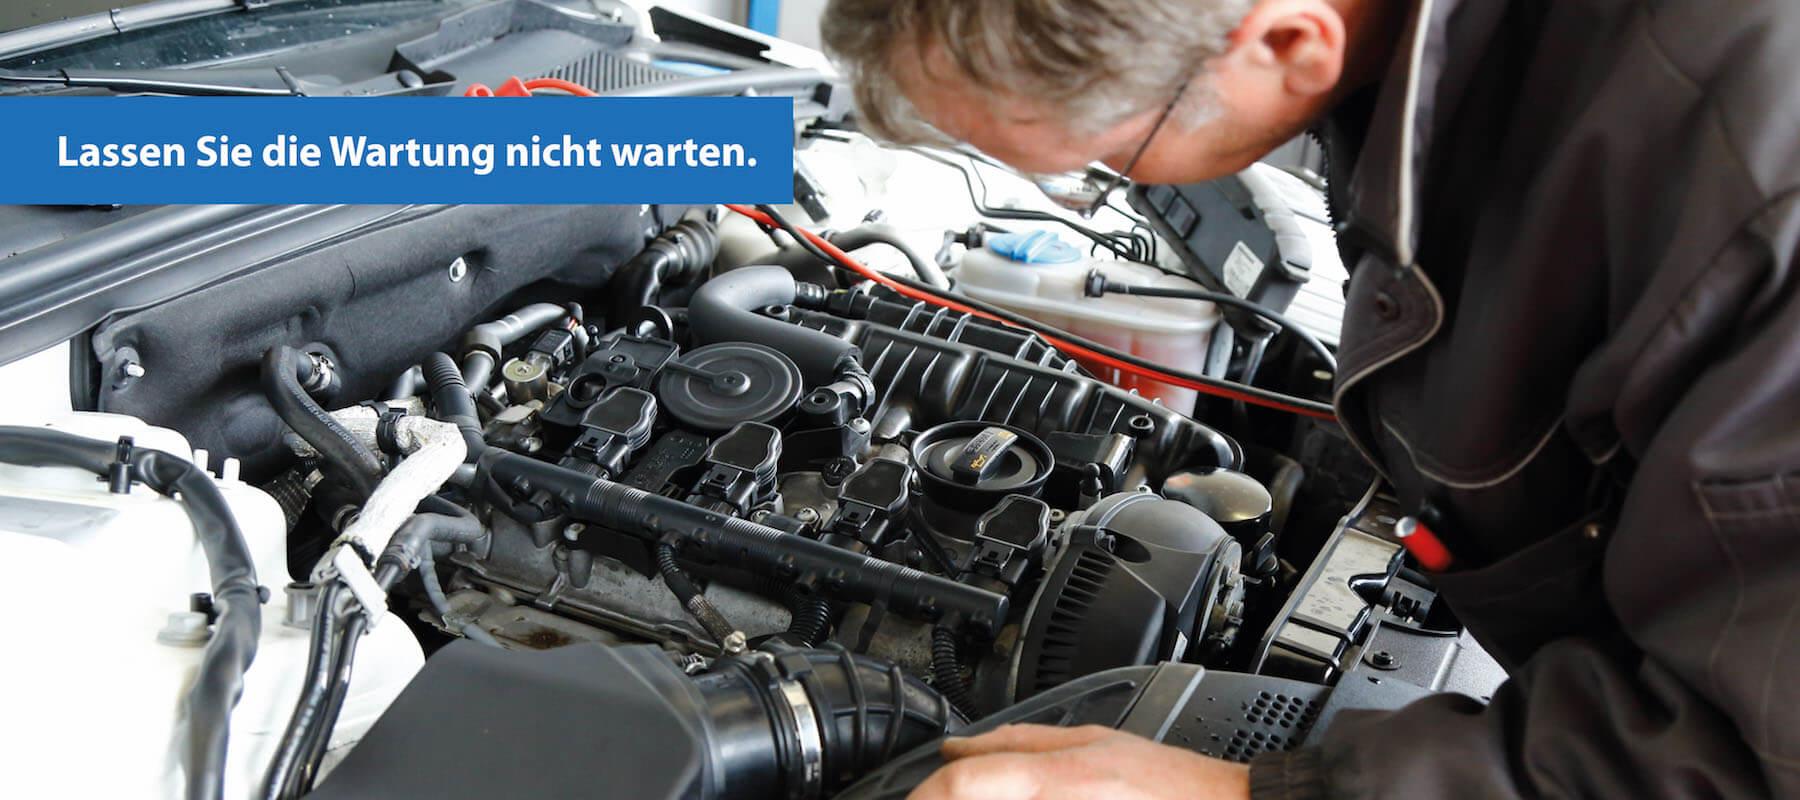 Unfallspezialist<br/> Damit Ihr Volkswagen ein Volkswagen bleibt.